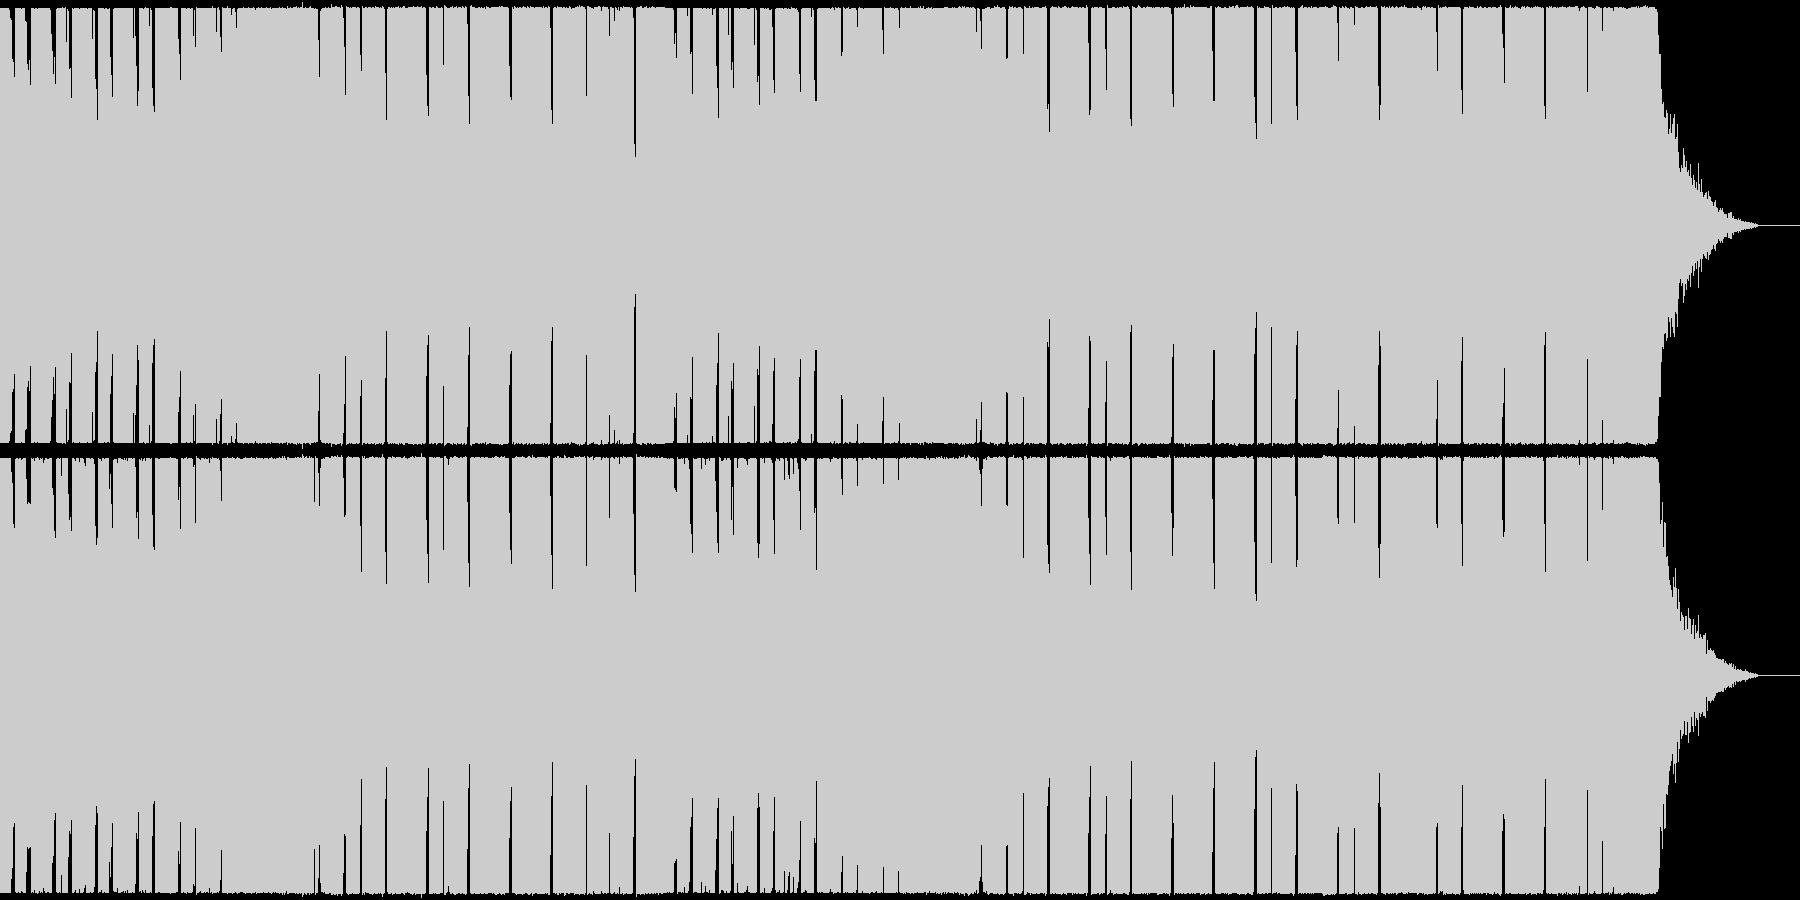 軽快で弾むようなシンセのポップなEDMの未再生の波形